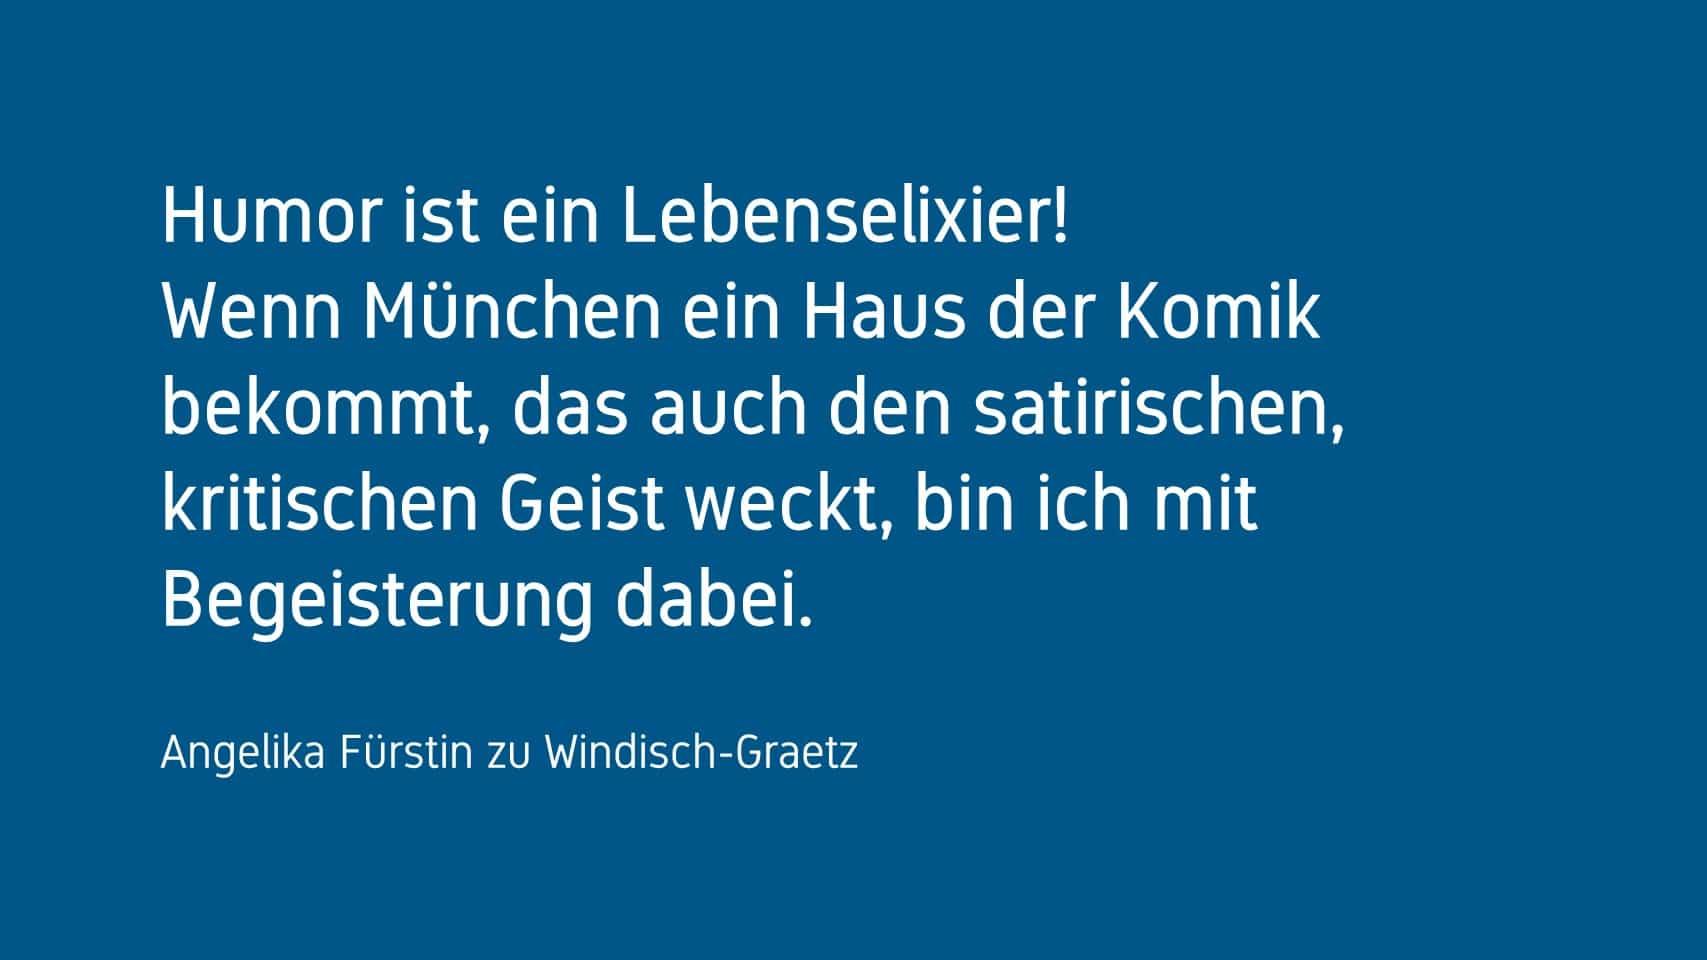 Angelika Fürstin zu Windisch-Graetz Forum Humor